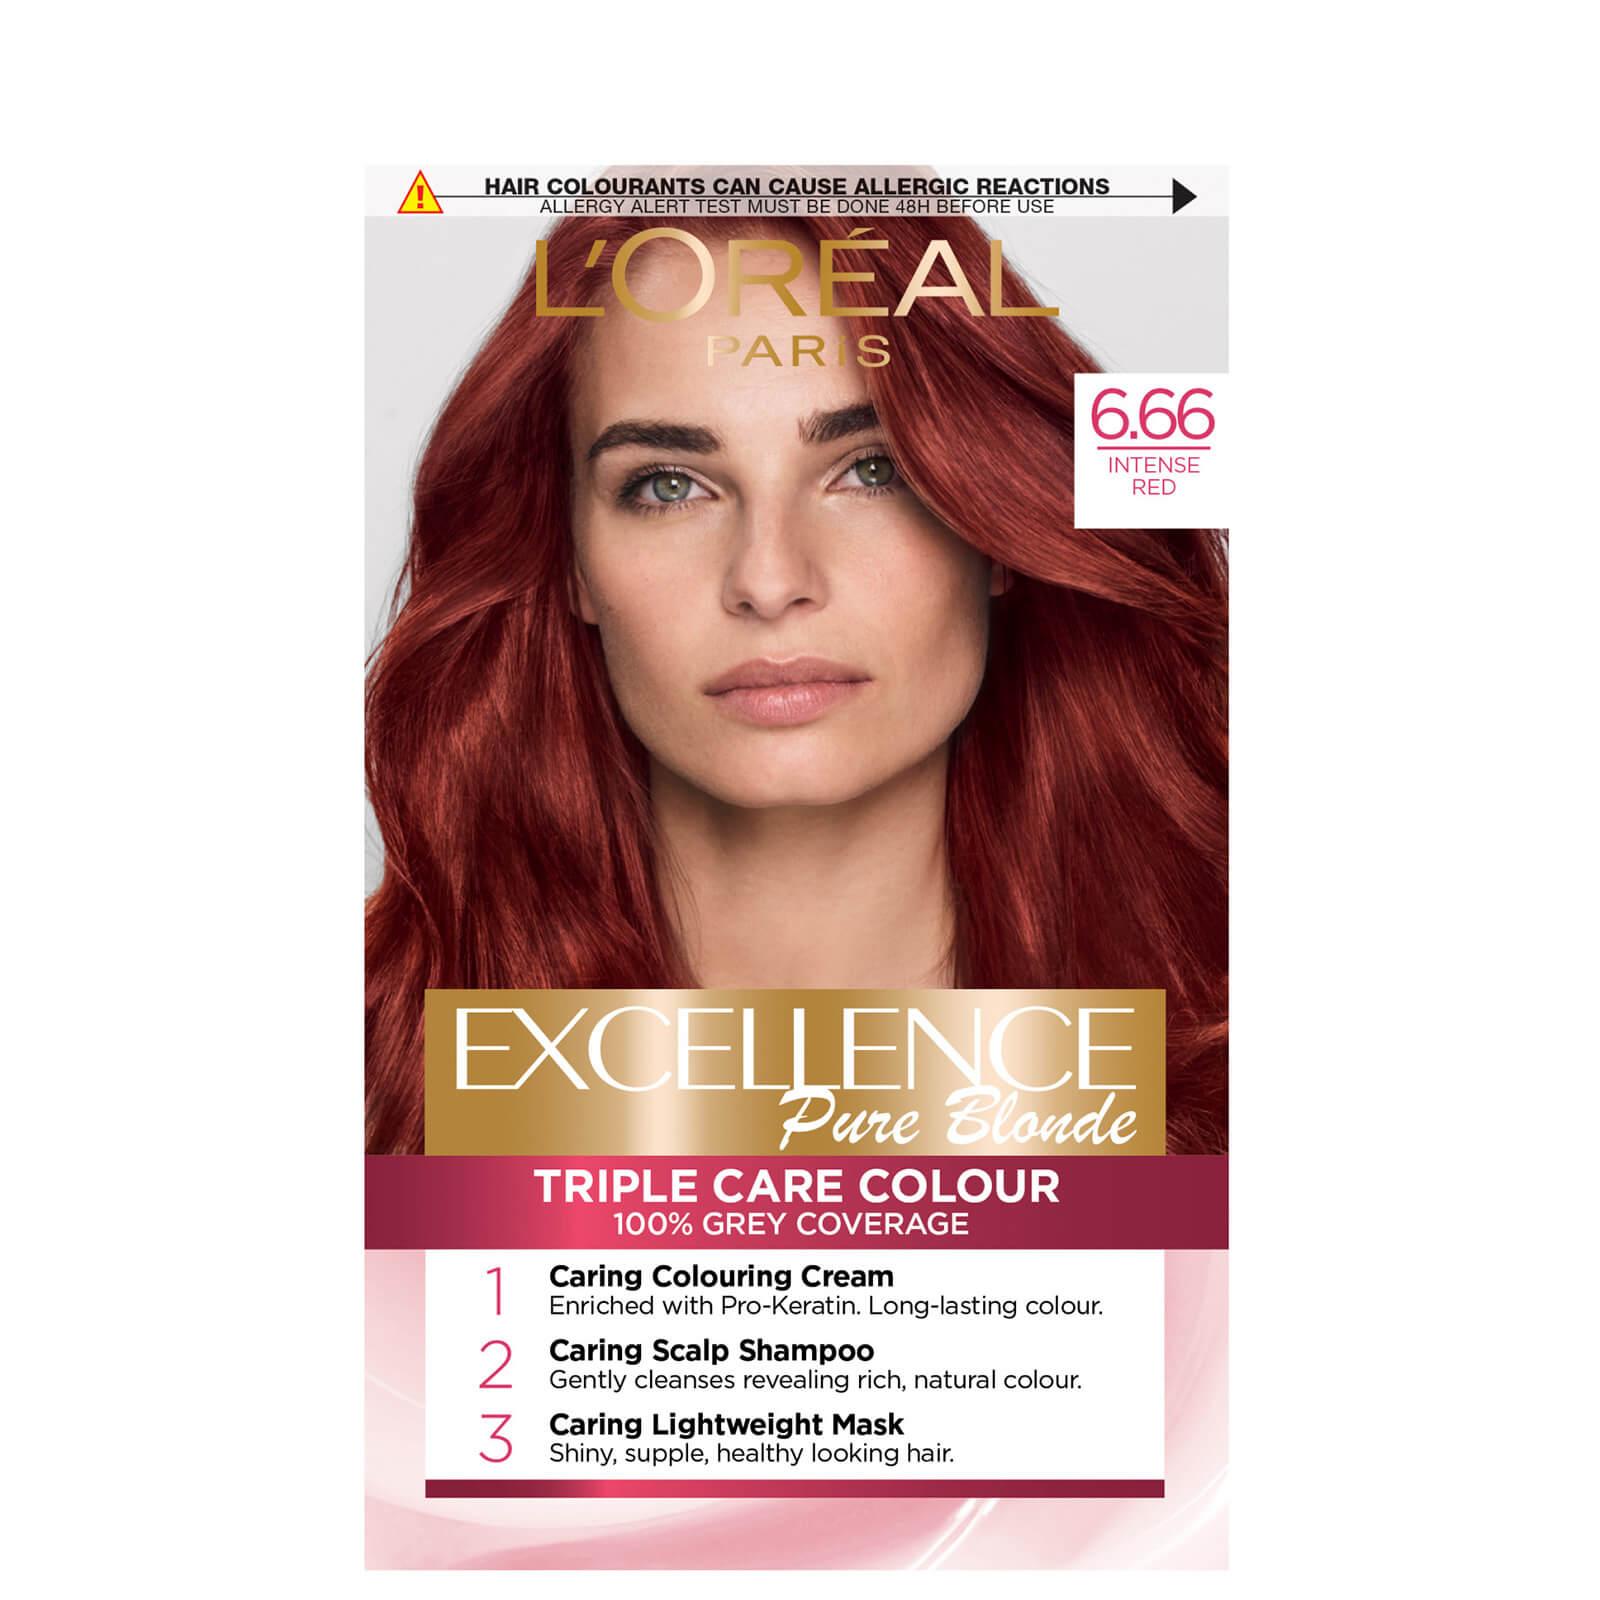 L'Oréal Paris Excellence Crème Permanent Hair Dye (Various Shades) - 6.66 Intense Red